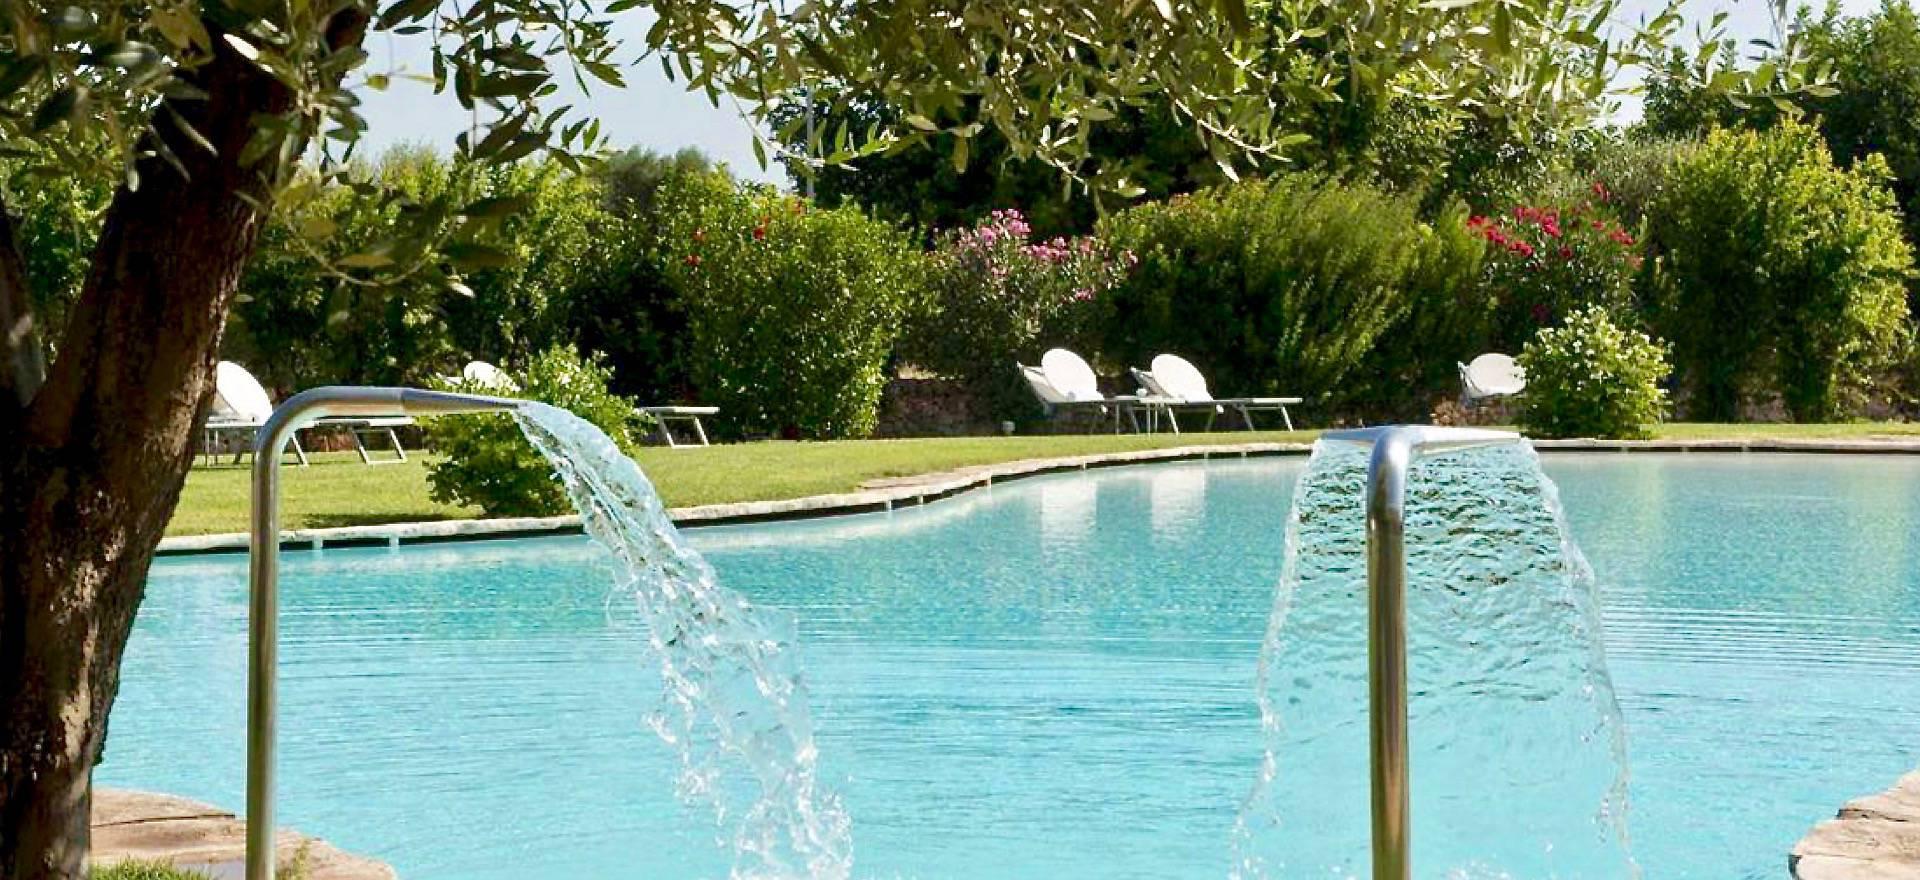 Agriturismo di lusso con piscina e vicino al mare for Piscina di lusso